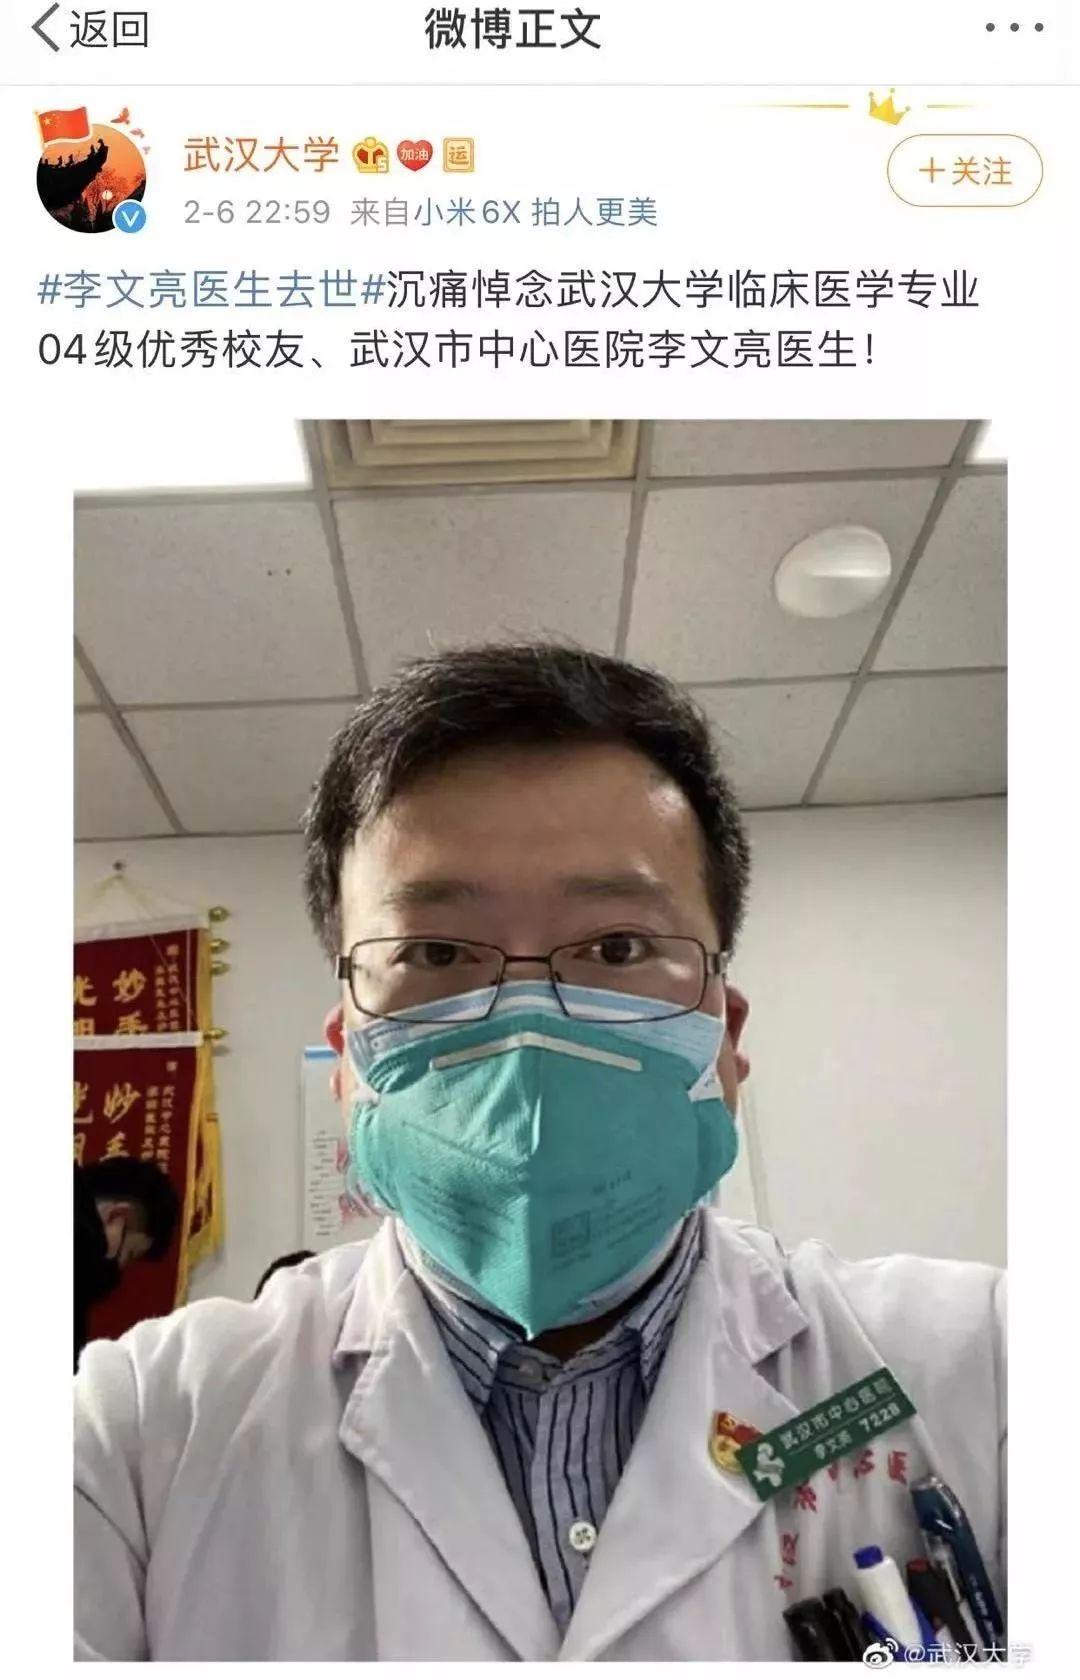 李文亮简介 李文亮事件的前因后果 李文亮医生是如何从造谣变成吹哨者的